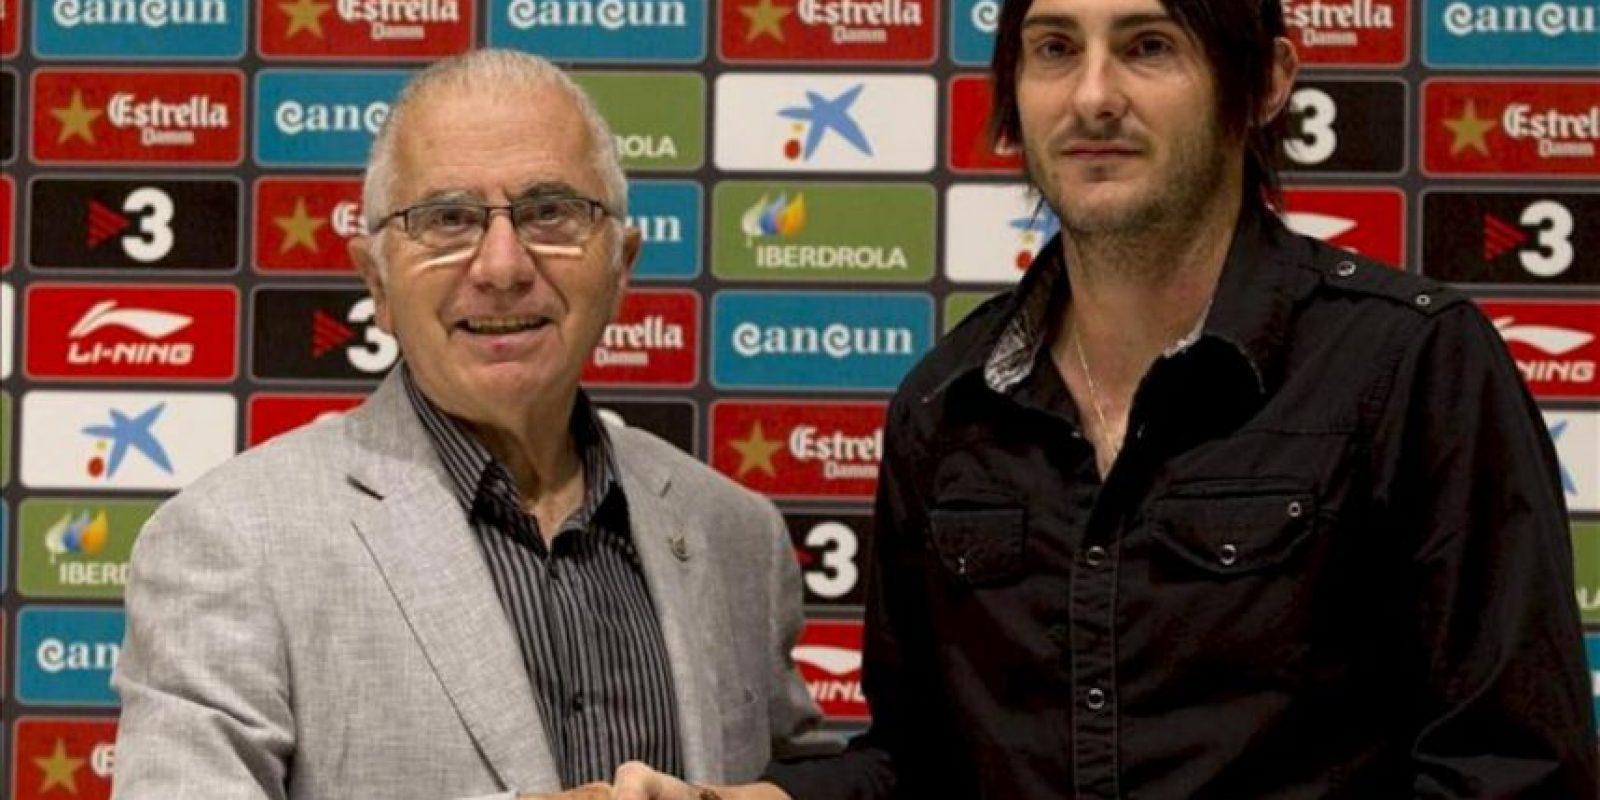 El defensa italo-argentino Diego Colotto (d) y el presidente del Espanyol Ramón Condal (i) en la sala de prensa del estadio Cornellá El Prat donde hoy, 23 de junio 2012, el jugador fue presentado tras firmar un contrato para las tres próximas temporadas. EFE/Alejandro García